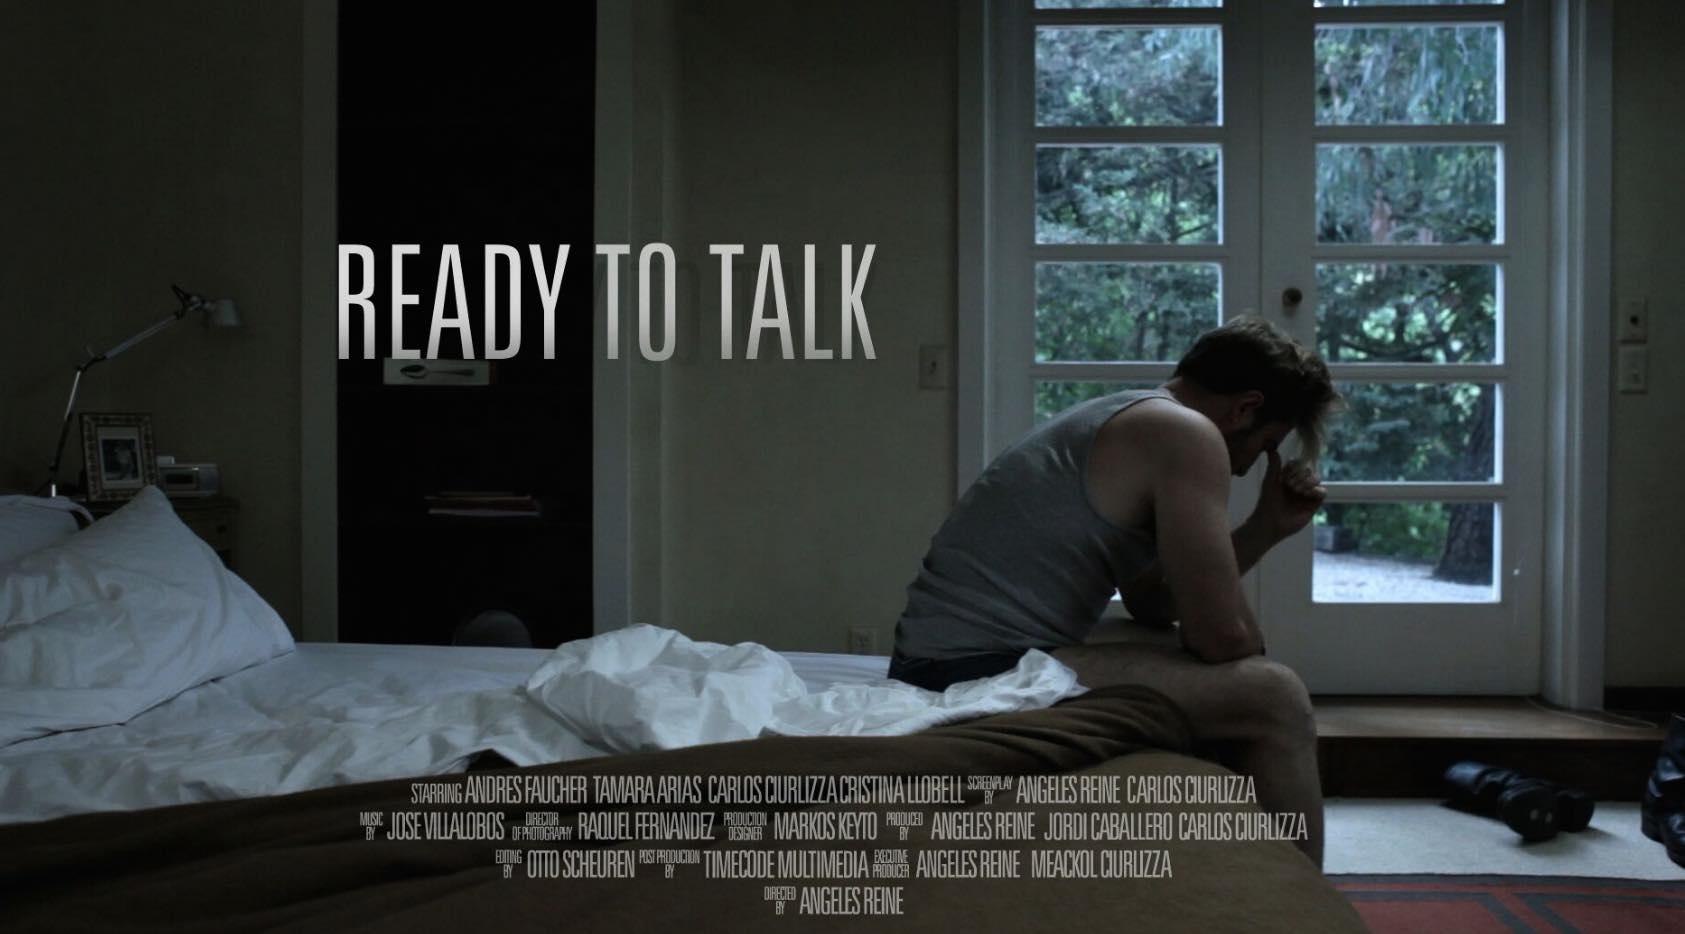 readytotalk